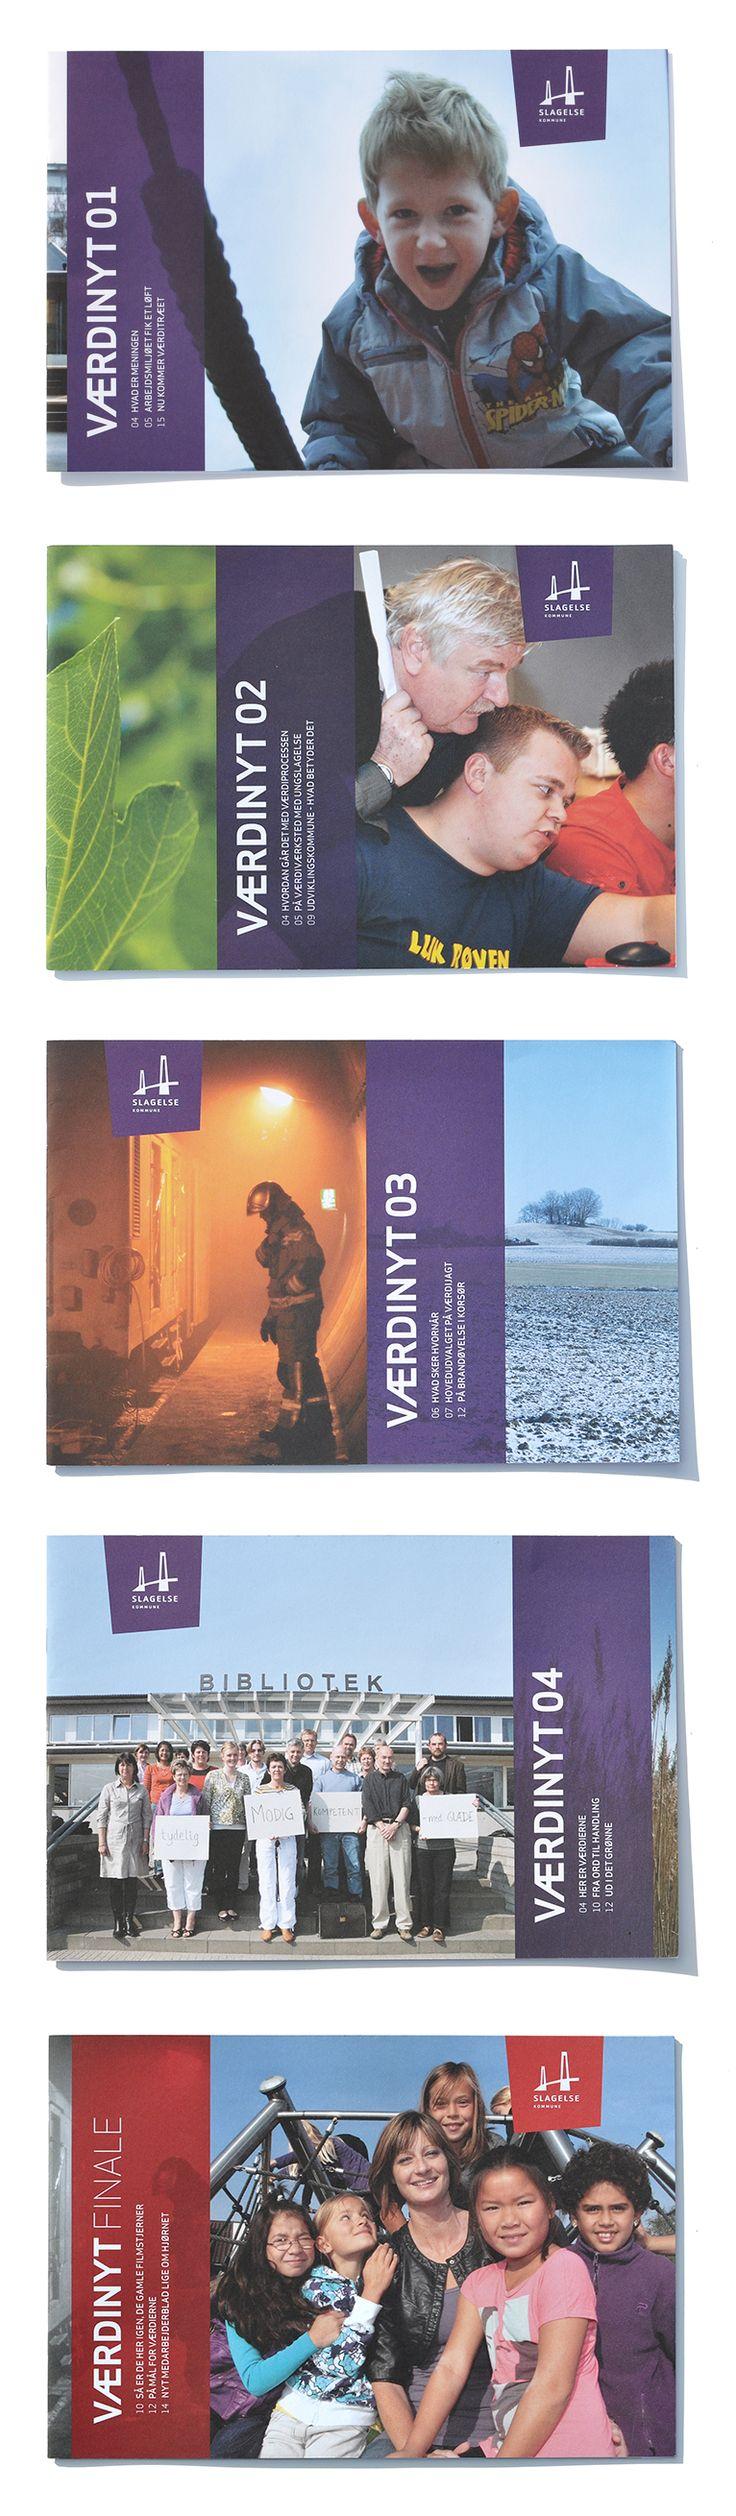 Zum Design des Magazins gehörte ein Balken auf der Titelseite, der darüber informierte, wie weit der WERTEprozess vorangeschritten war.